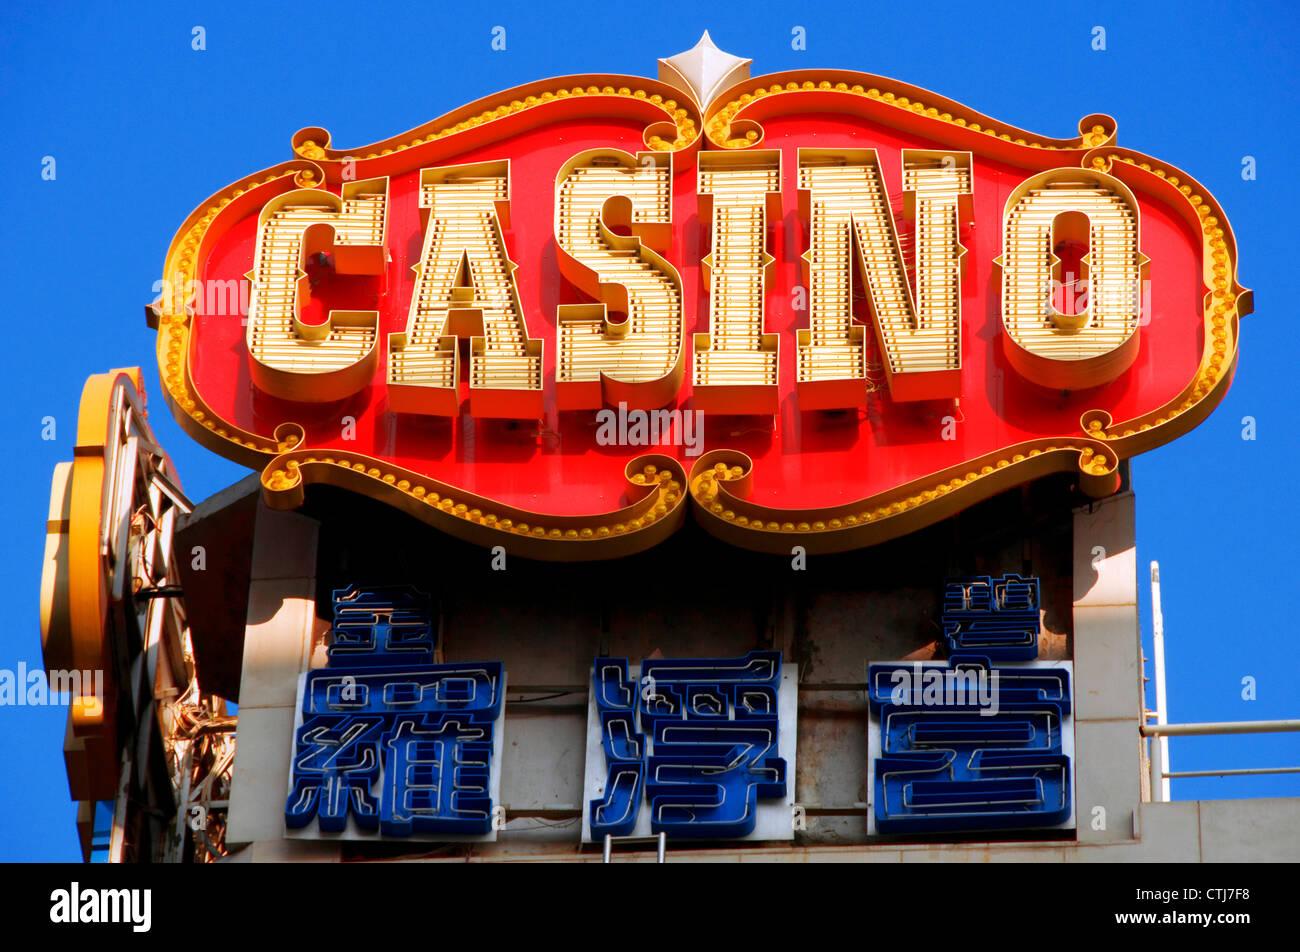 Casino chinois signe, Macao, Chine. Photo Stock